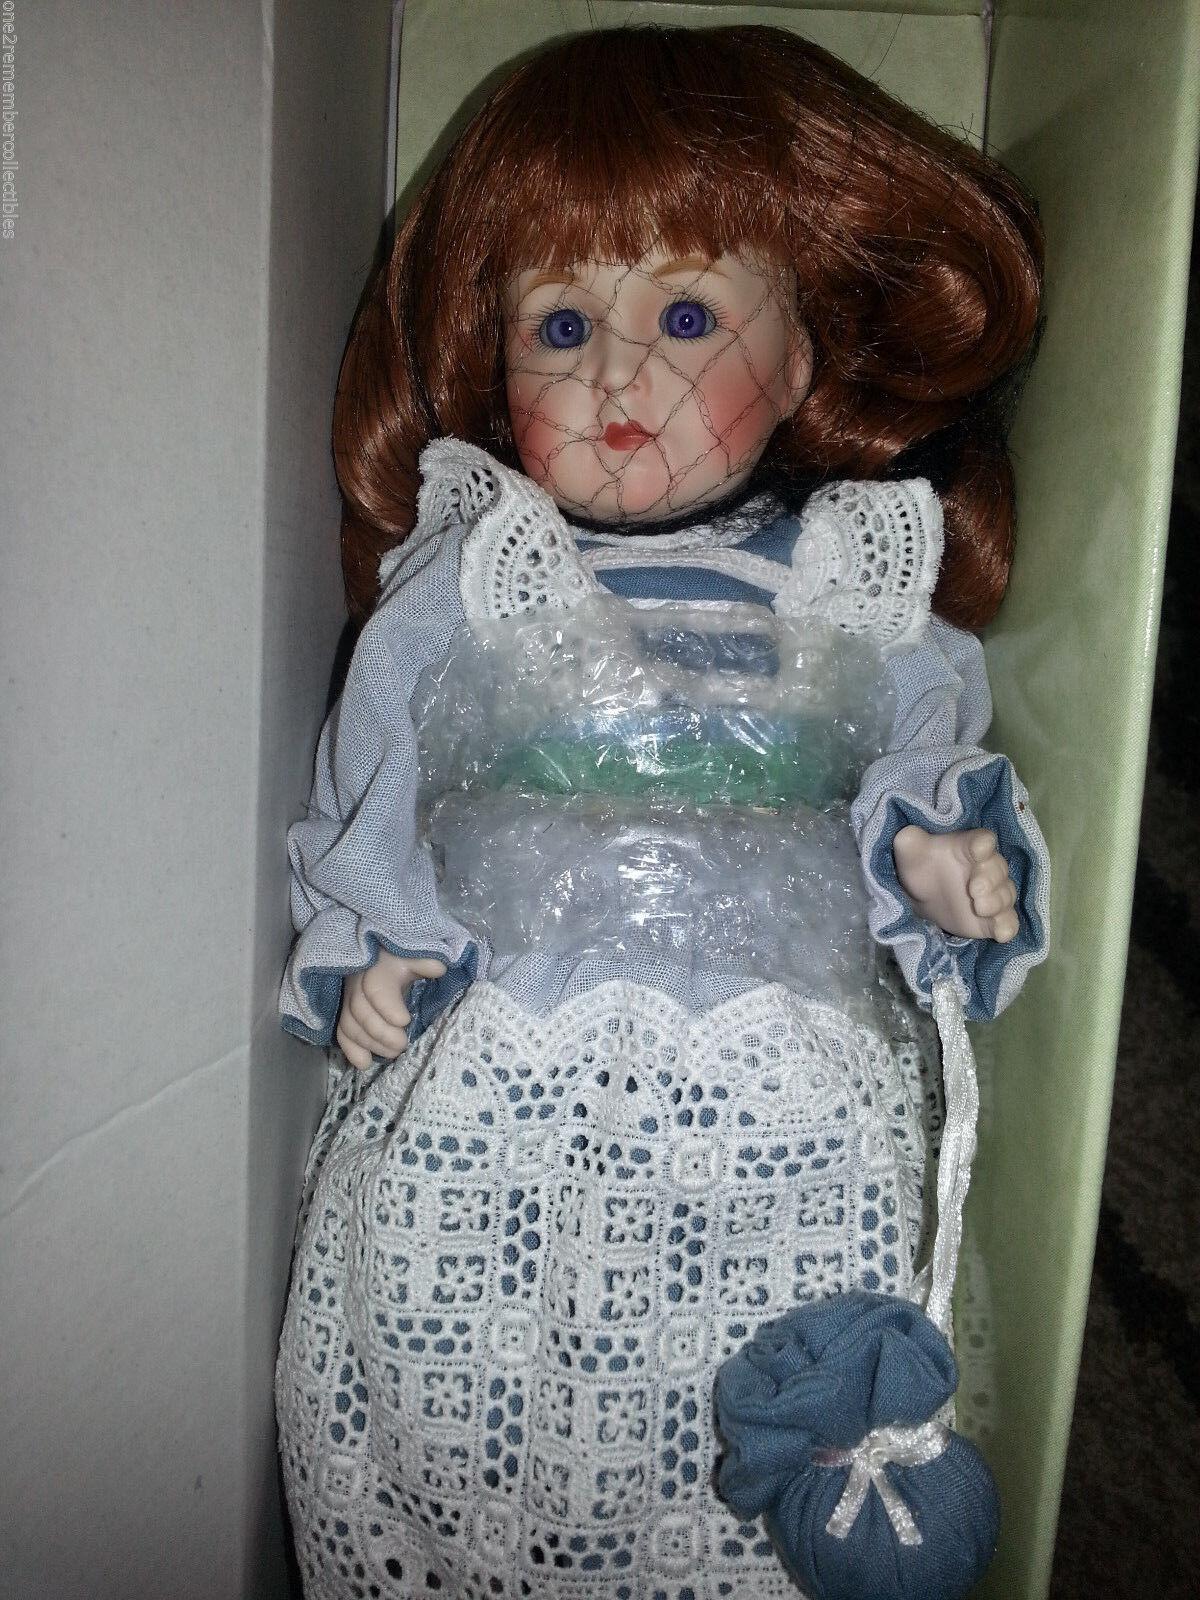 Hallmark Victoriano Recuerdos Muñeca De Porcelana 11  edición limitada alemana Alice Nuevo